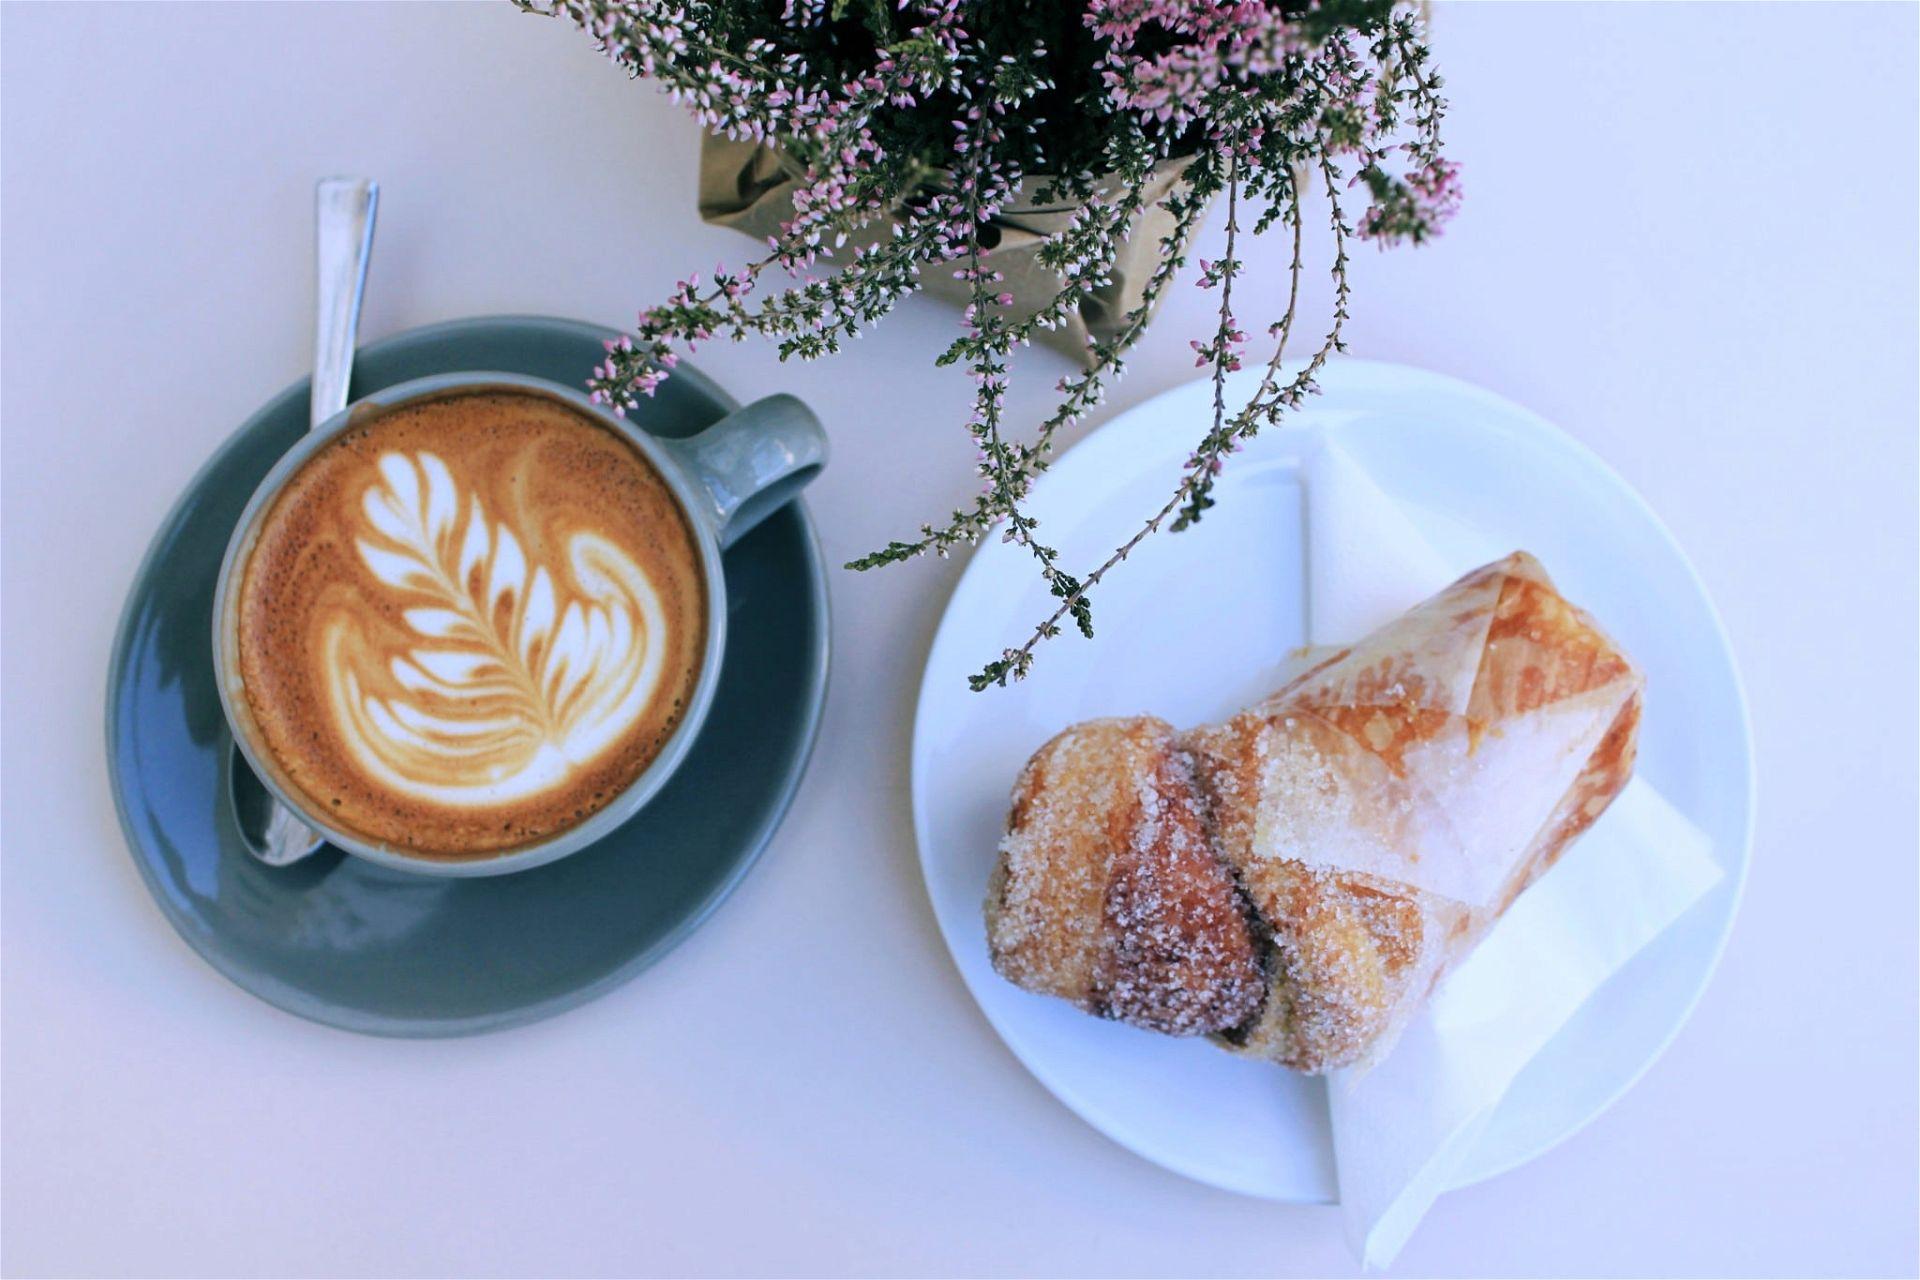 Kaffee und Cruffin